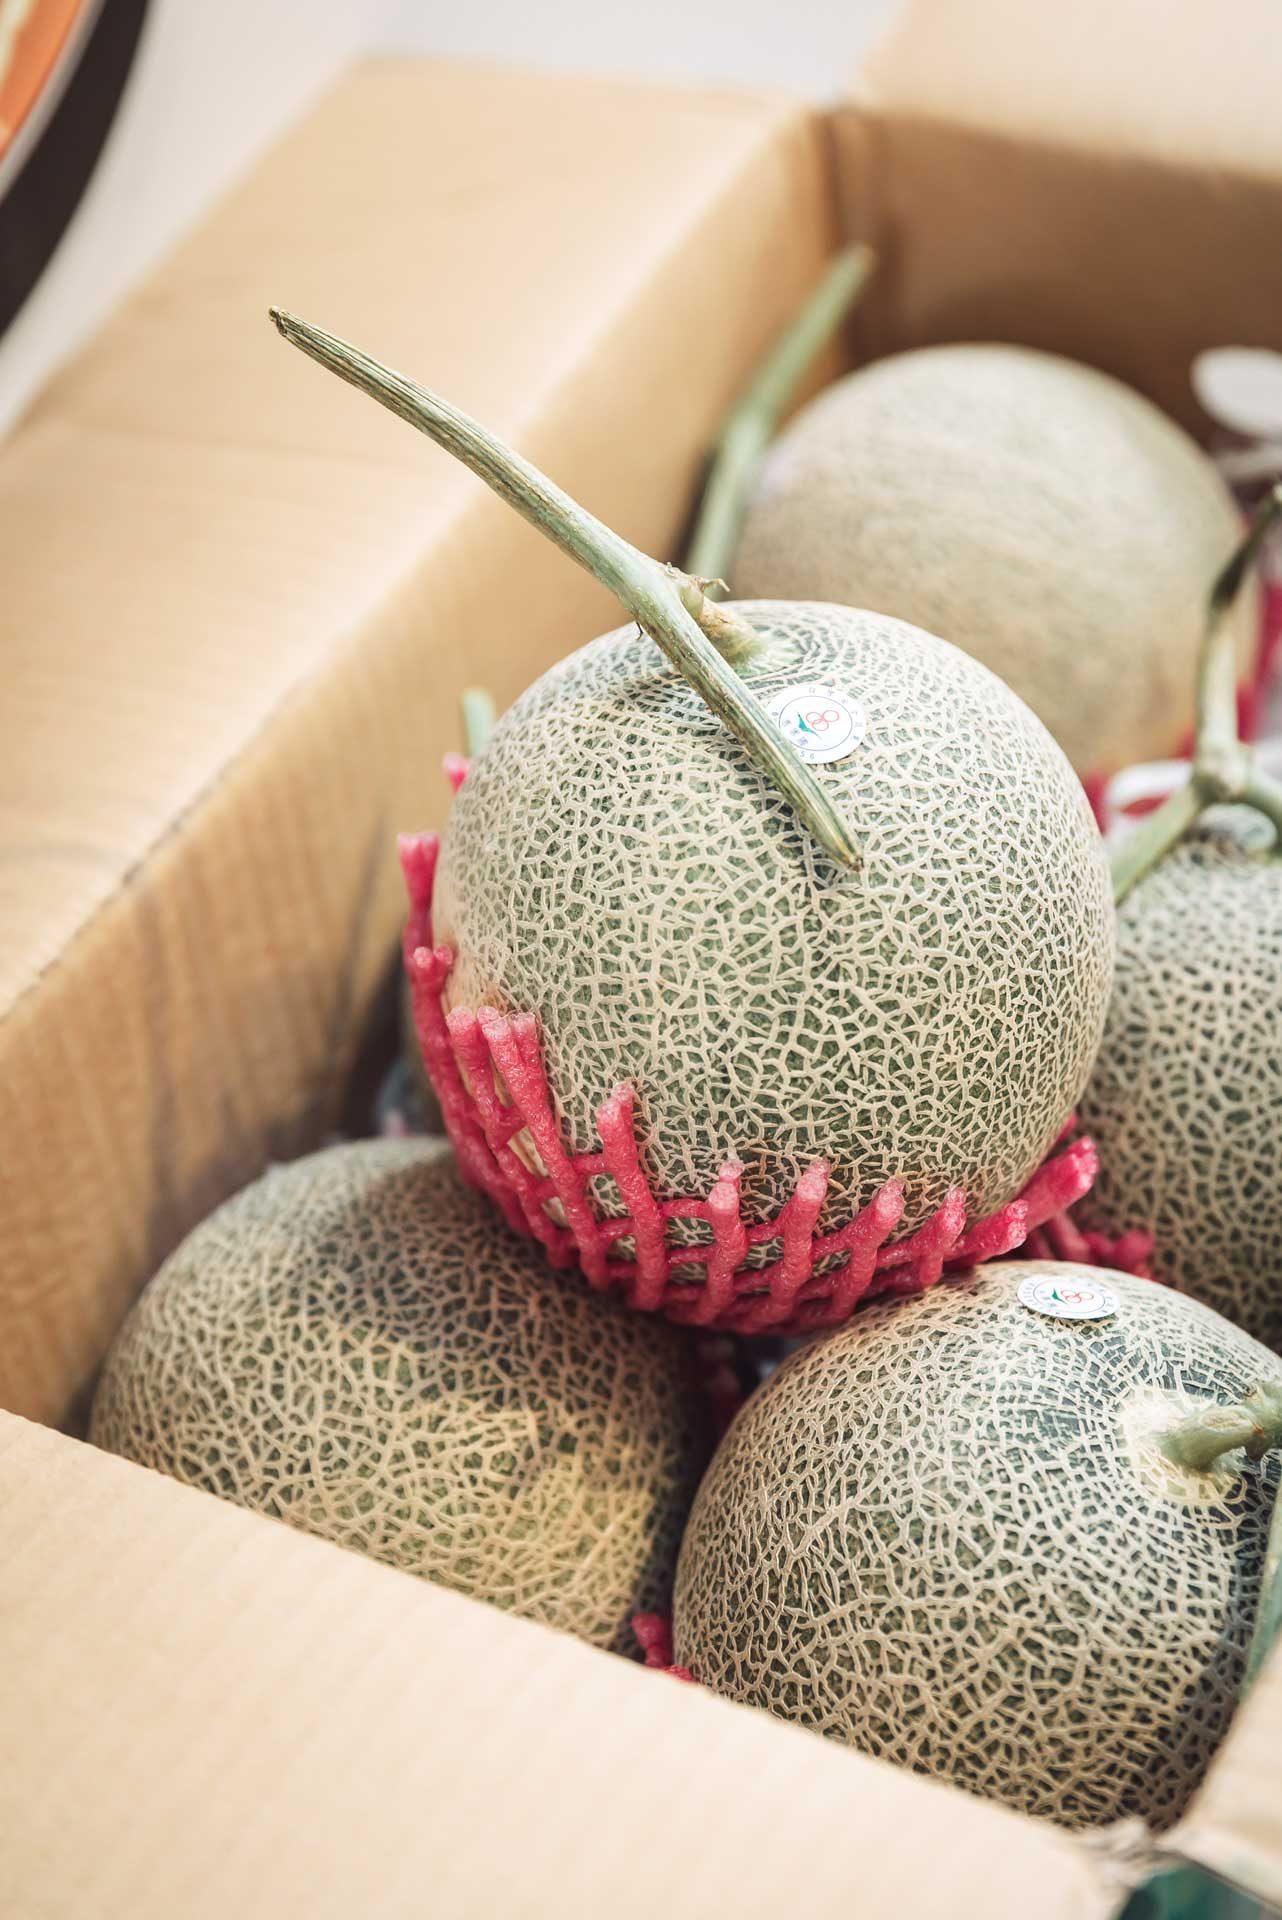 焦糖公園店內所採用的新鮮特選哈密瓜